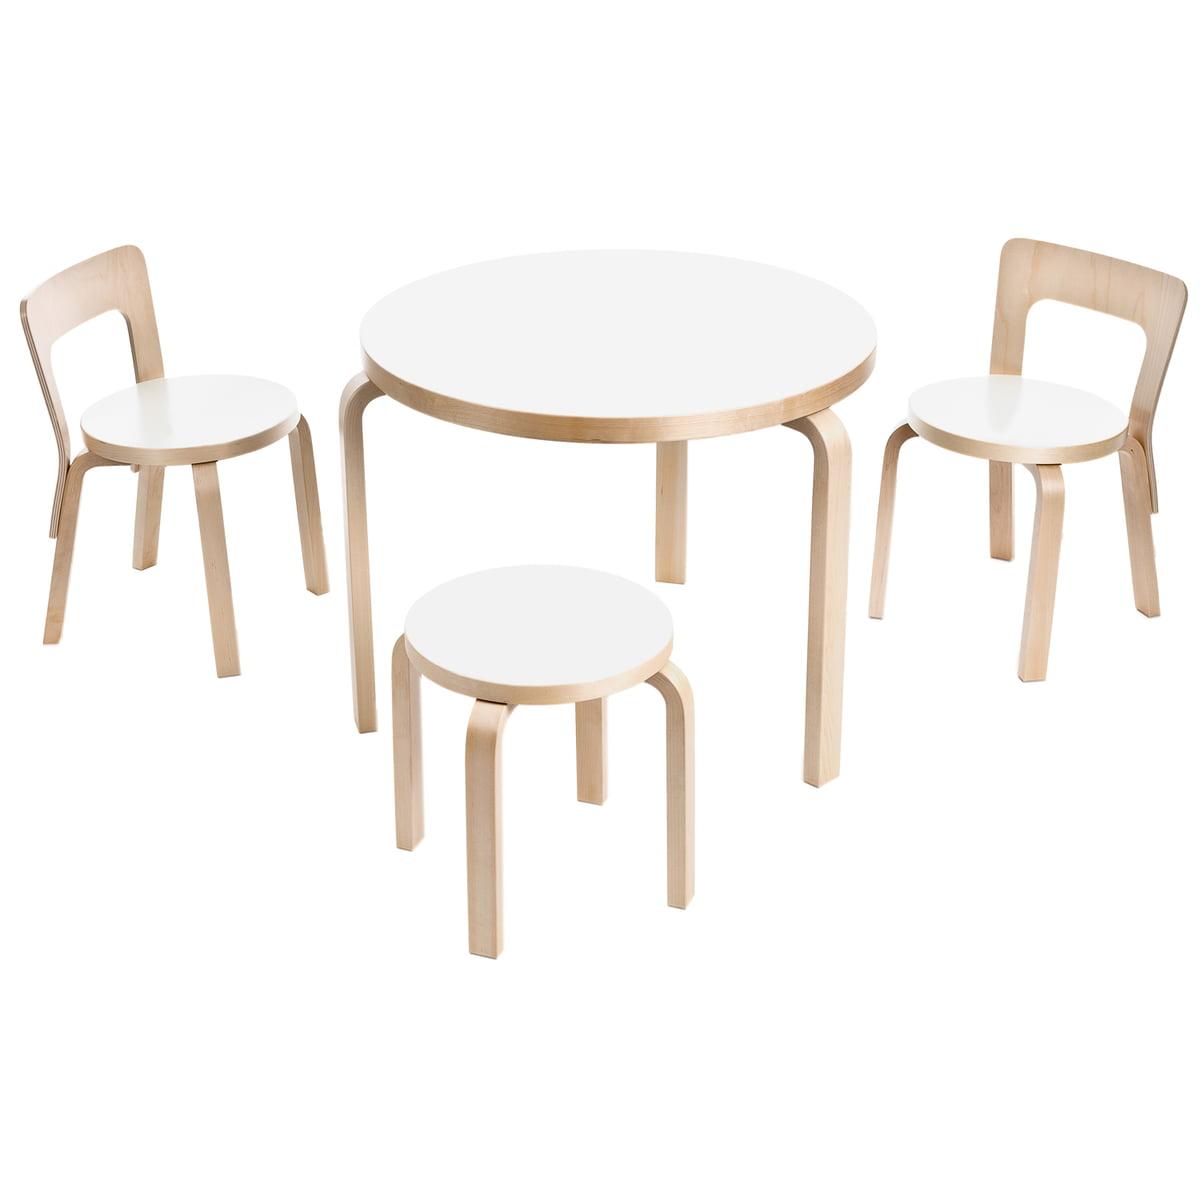 Kinderstuhl Design der artek n65 kinderstuhl im wohndesign shop